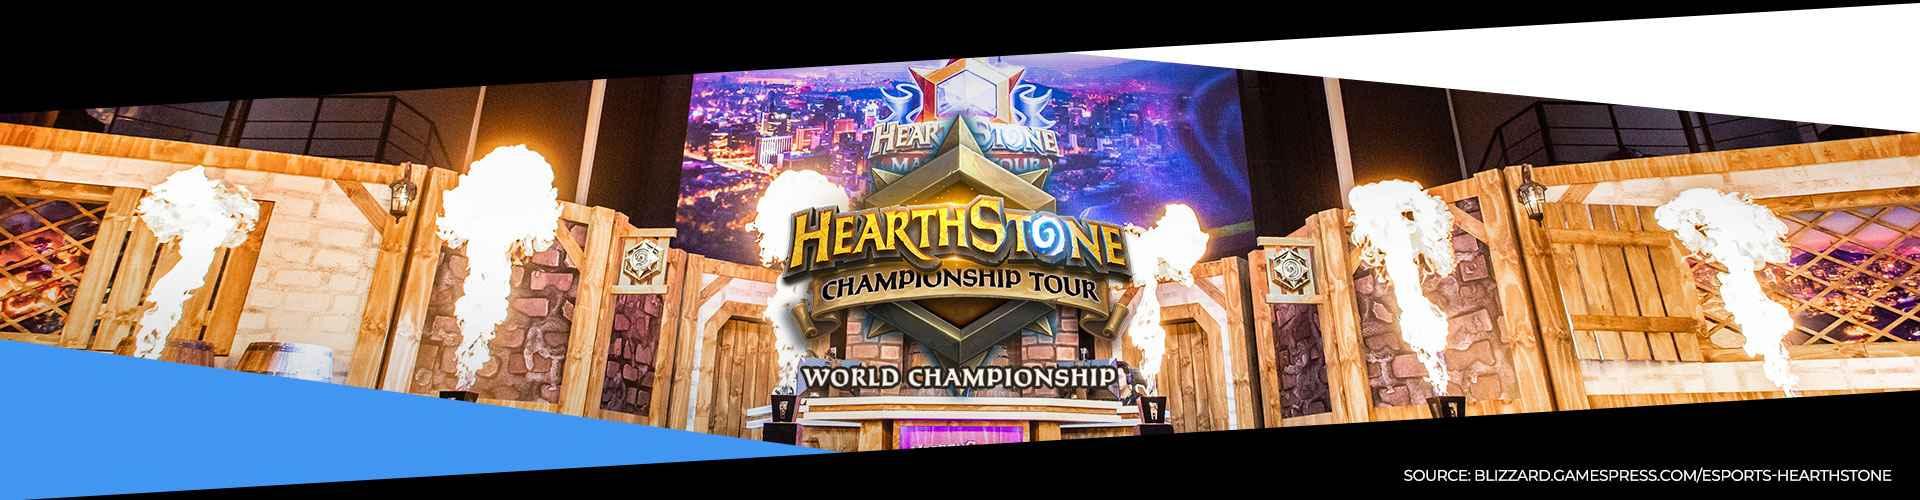 Eventsida för Hearthstone World Championship 2019, som är spelets världsmästerskap.